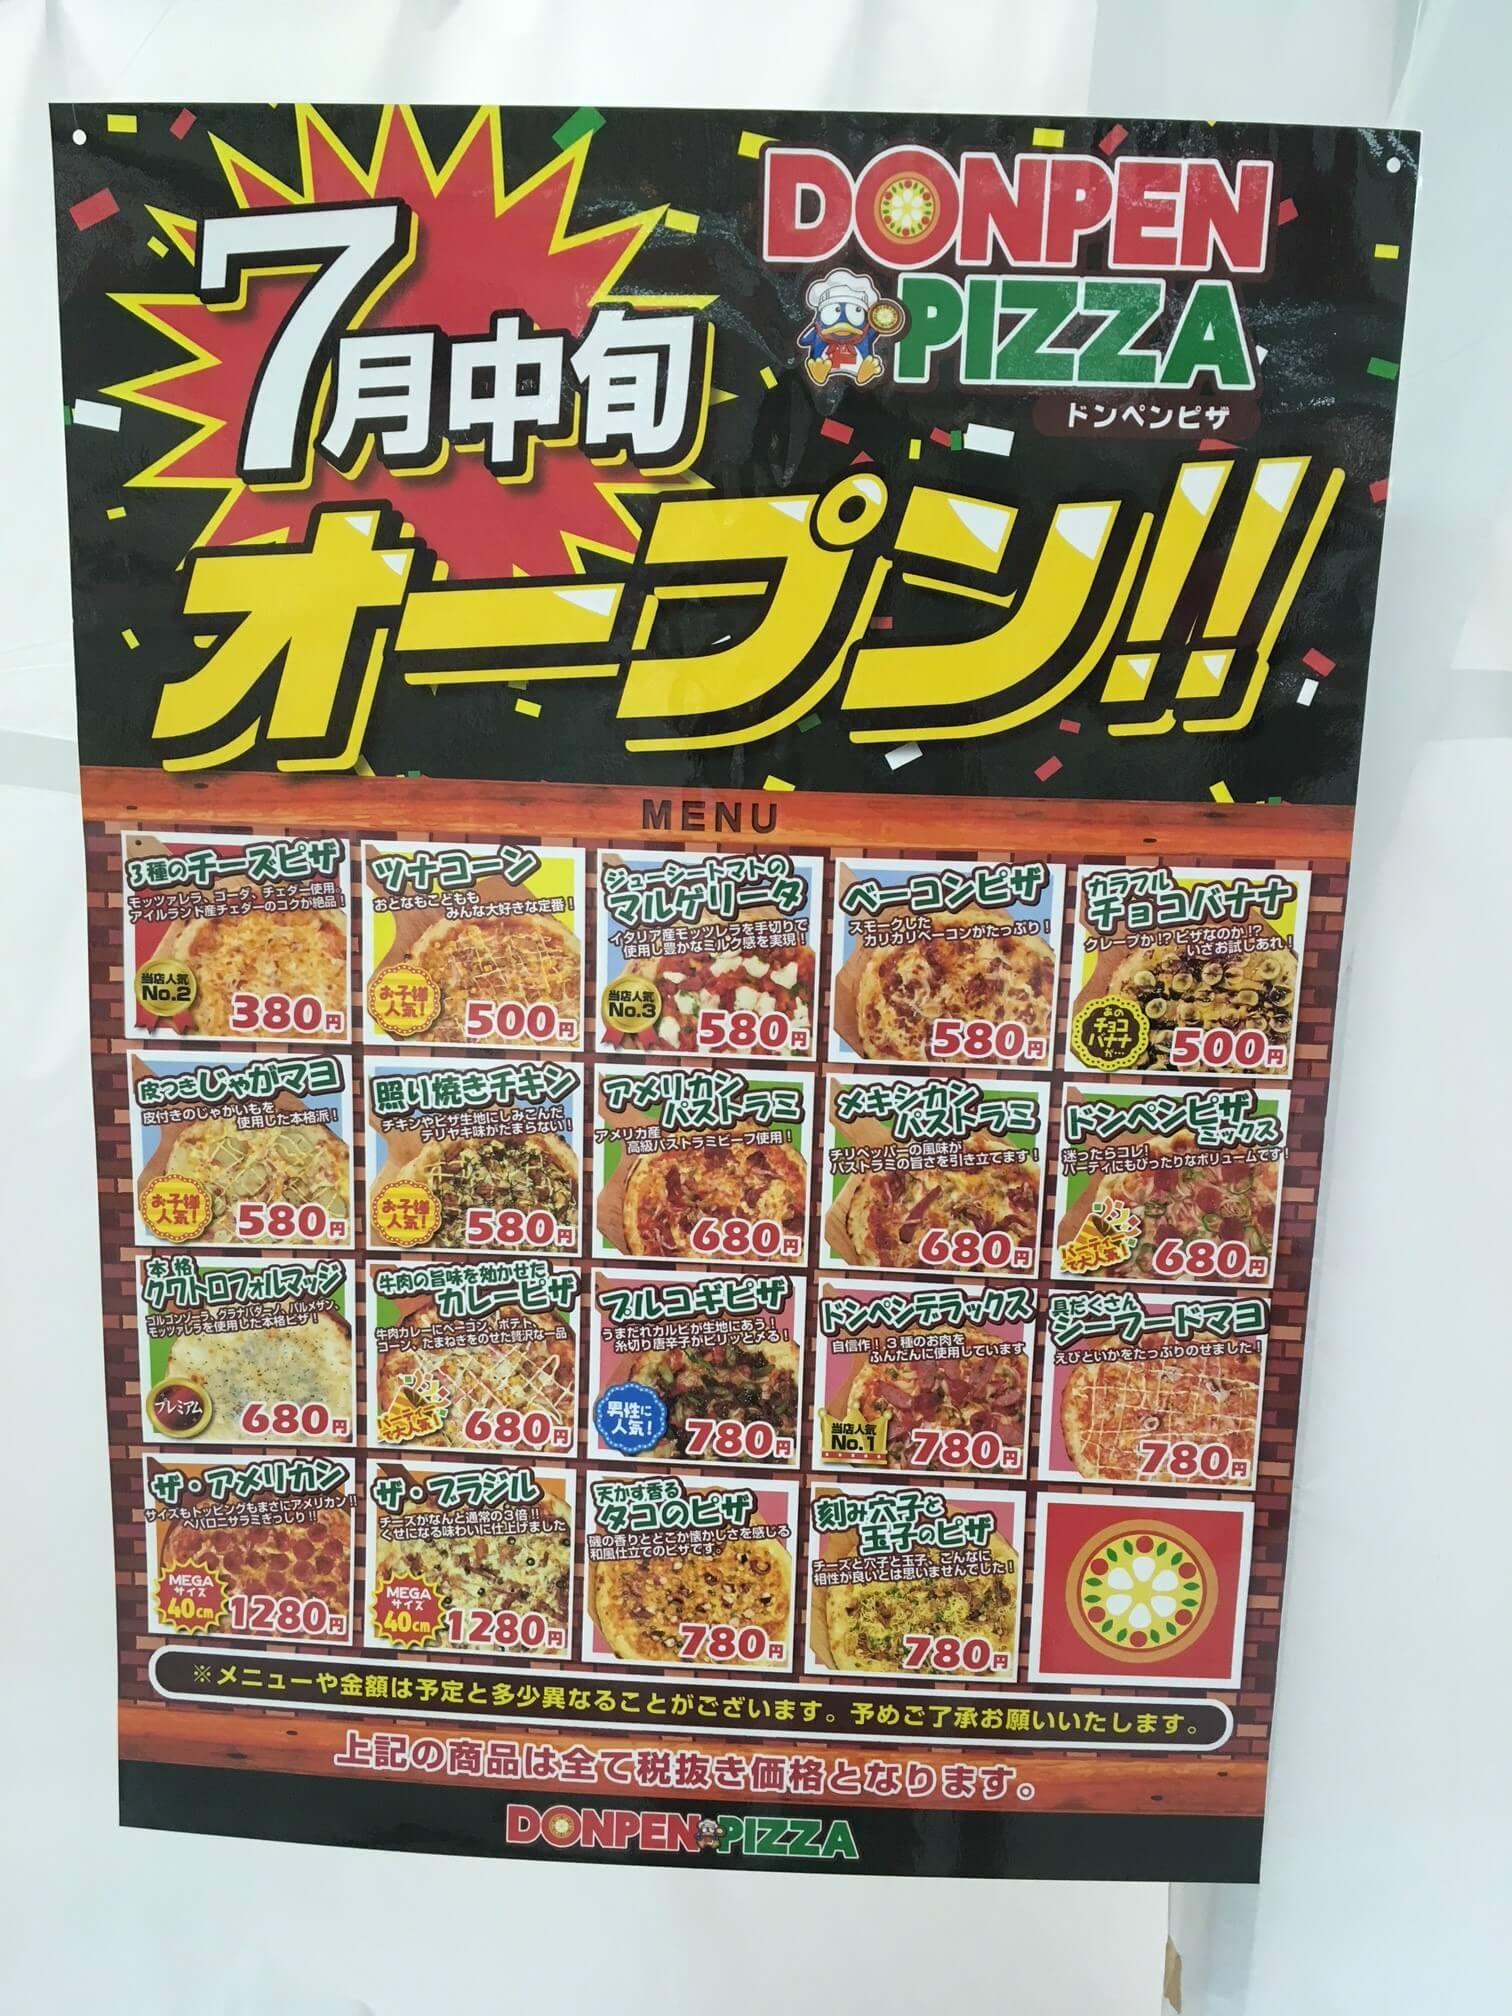 メガドンキホーテ三郷店地下1階にオープン予定のピザ屋さんのメニューと価格が判明